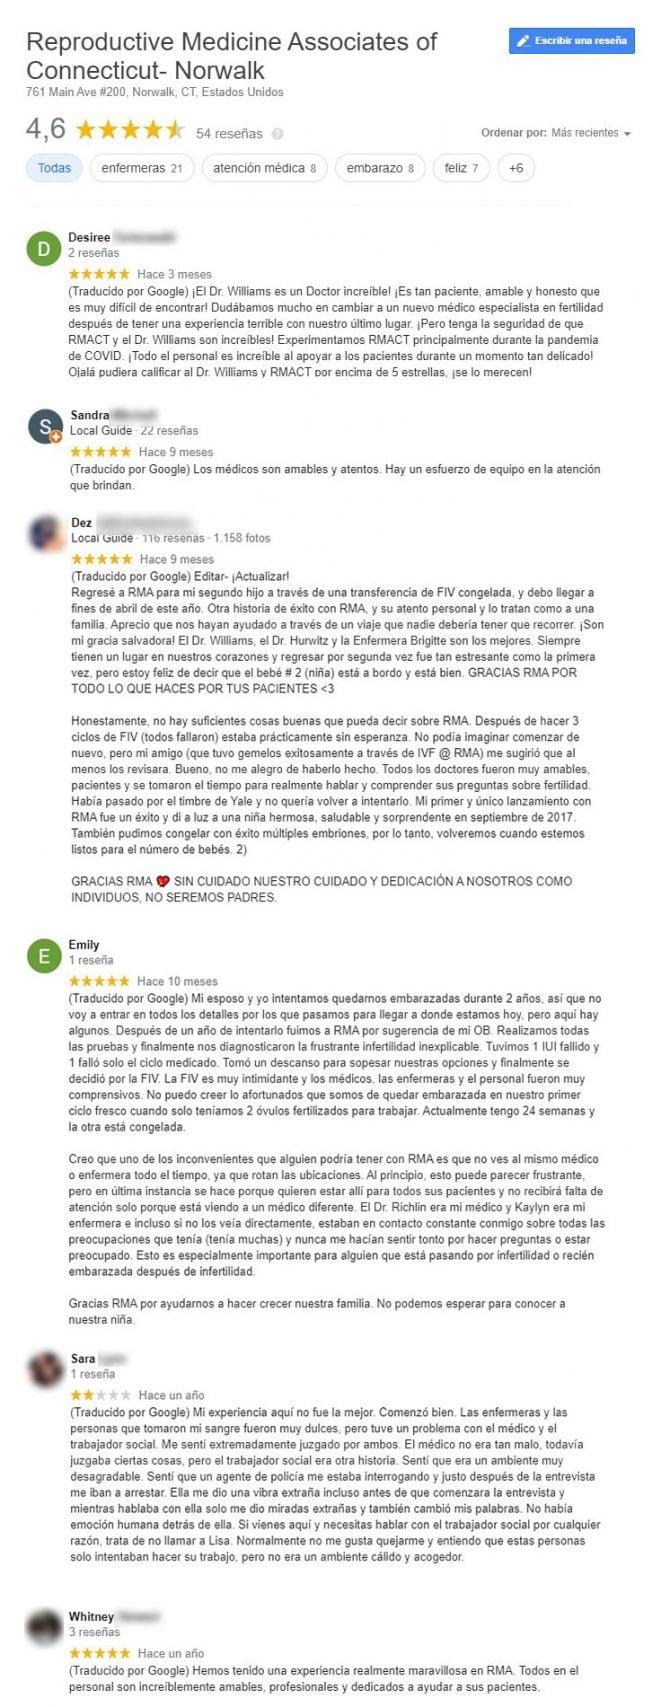 Imagen: Opiniones sobre la clínica RMAC Norwalk